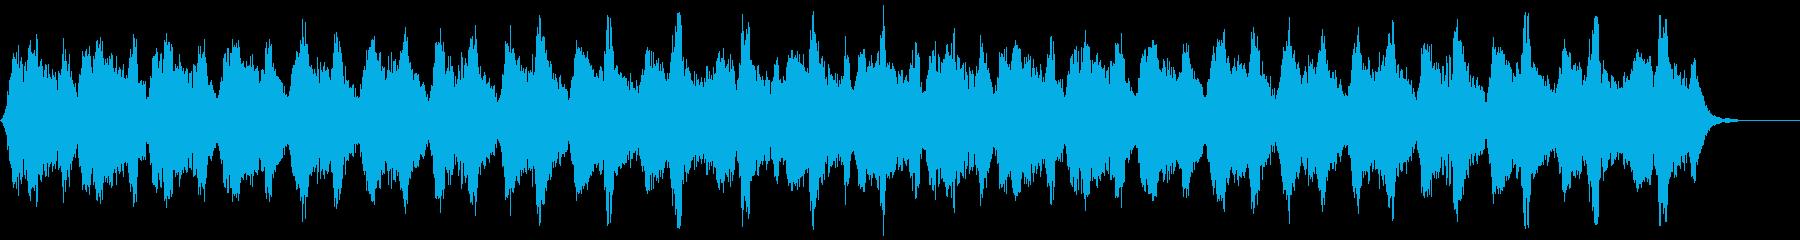 オーロラをイメージして作りました。の再生済みの波形